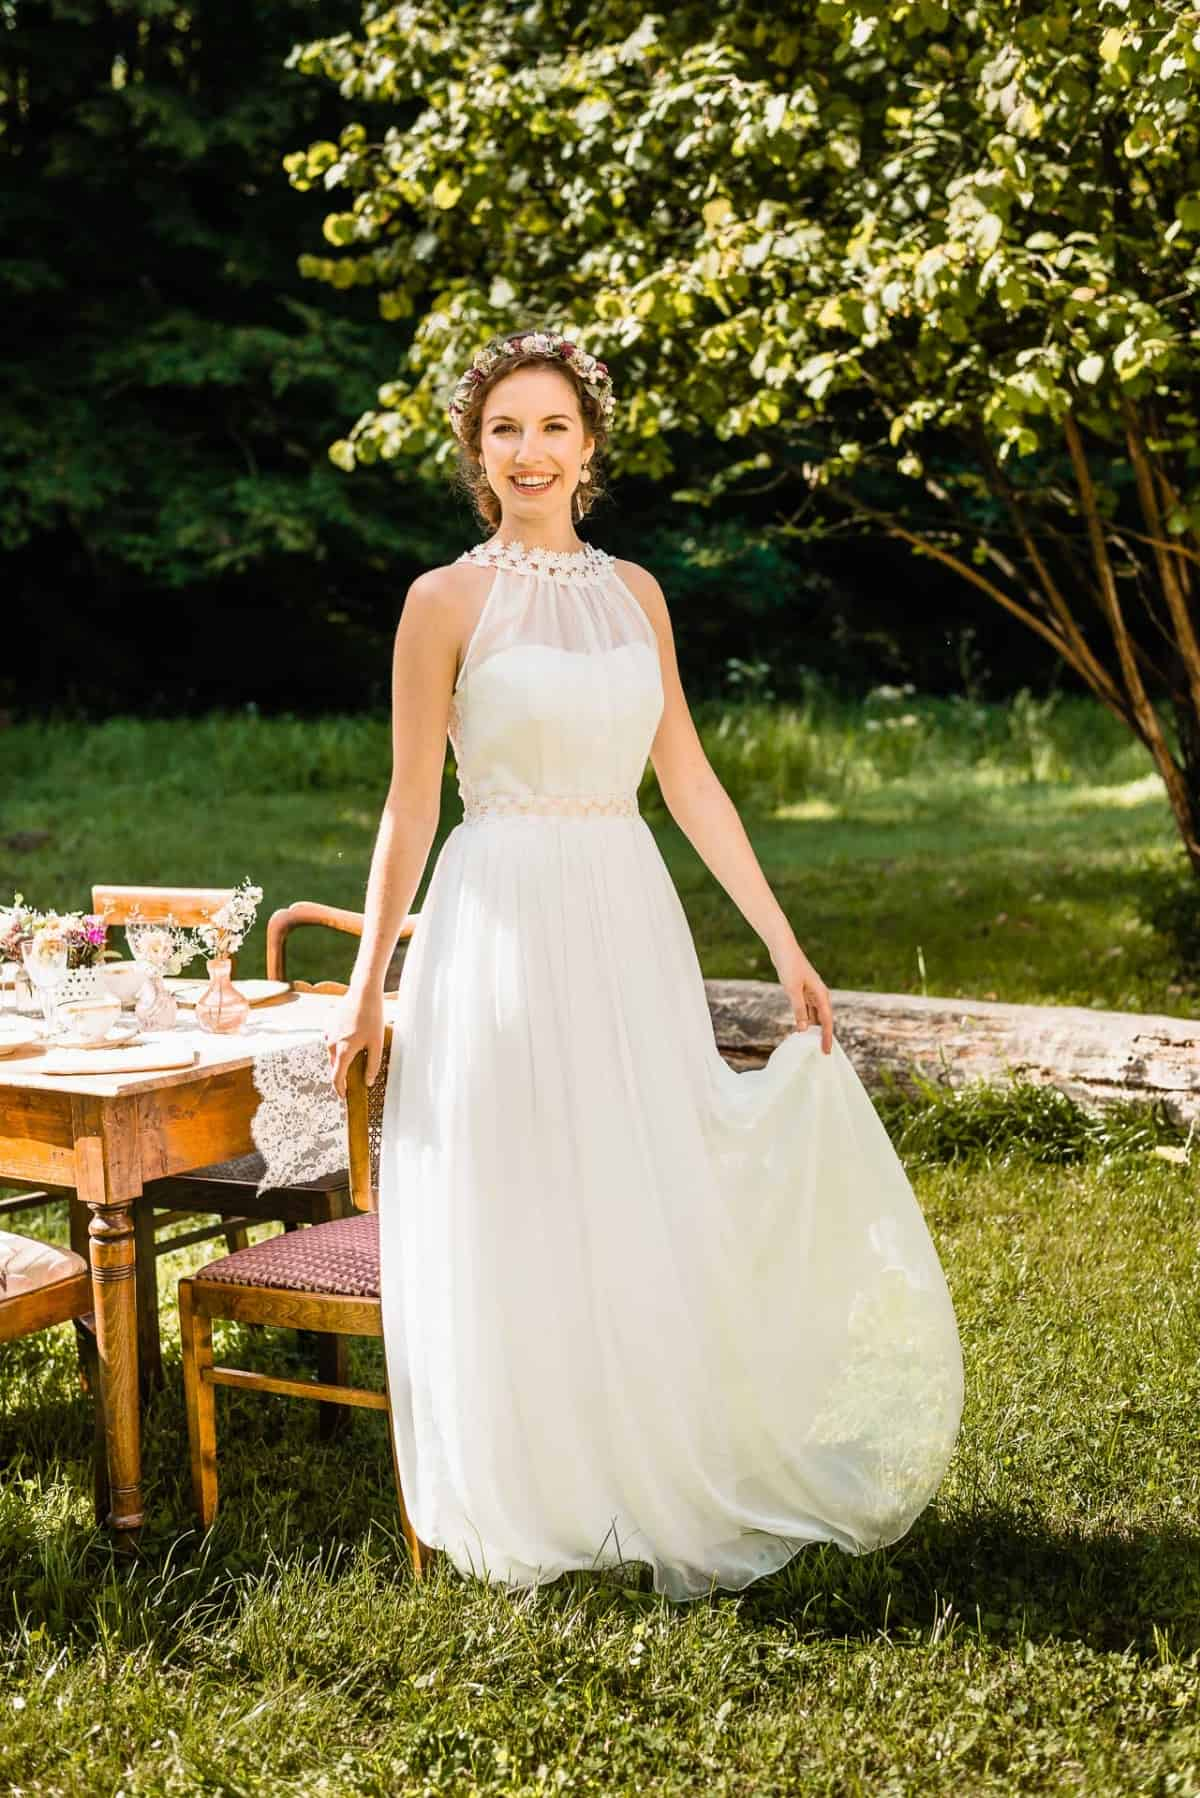 Claudia Heller - Brautkleider - Party-Deko Blog von party-princess